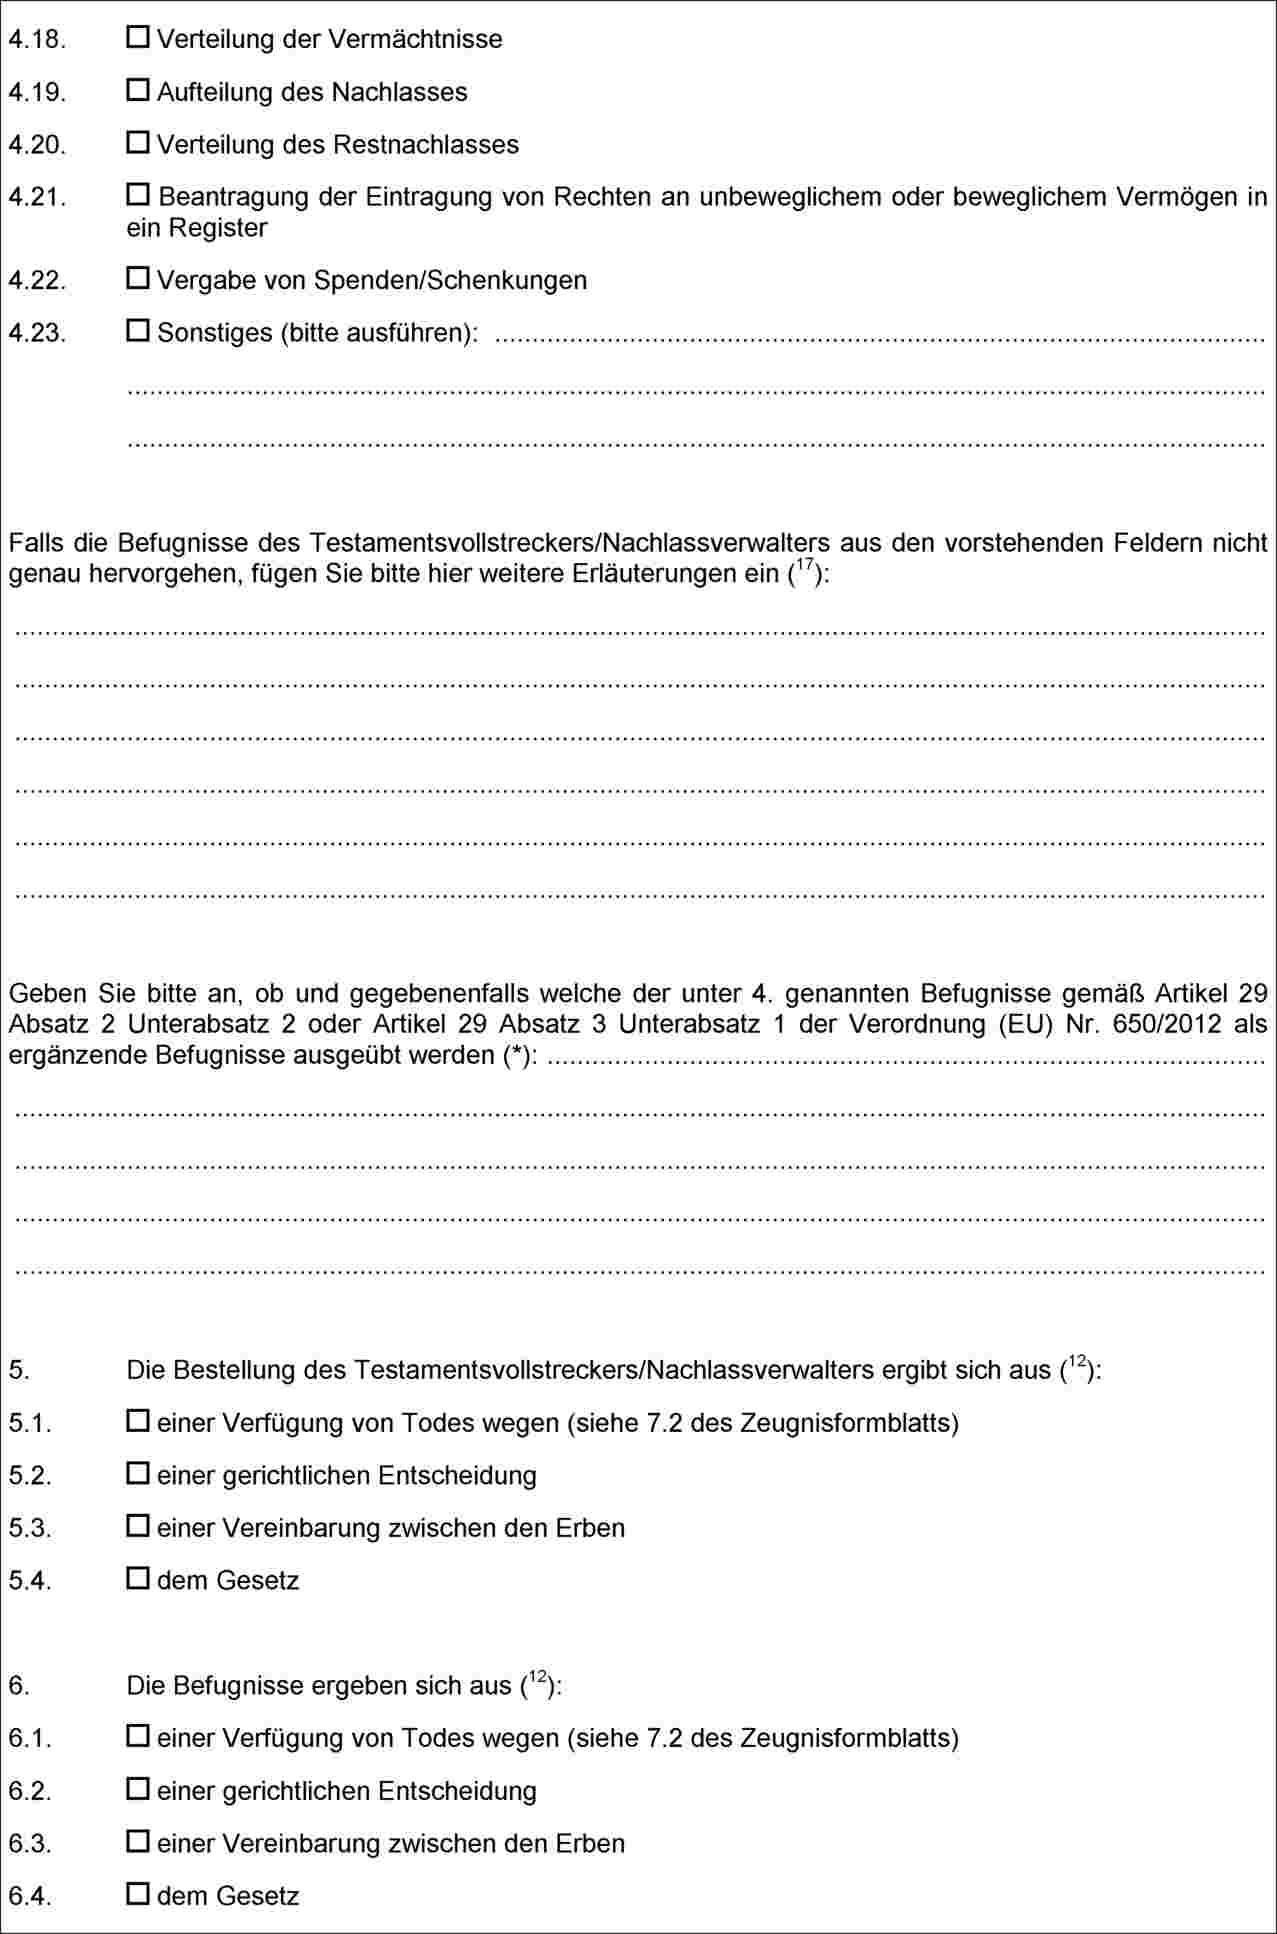 EUR-Lex - L:2014:359:FULL - EN - EUR-Lex